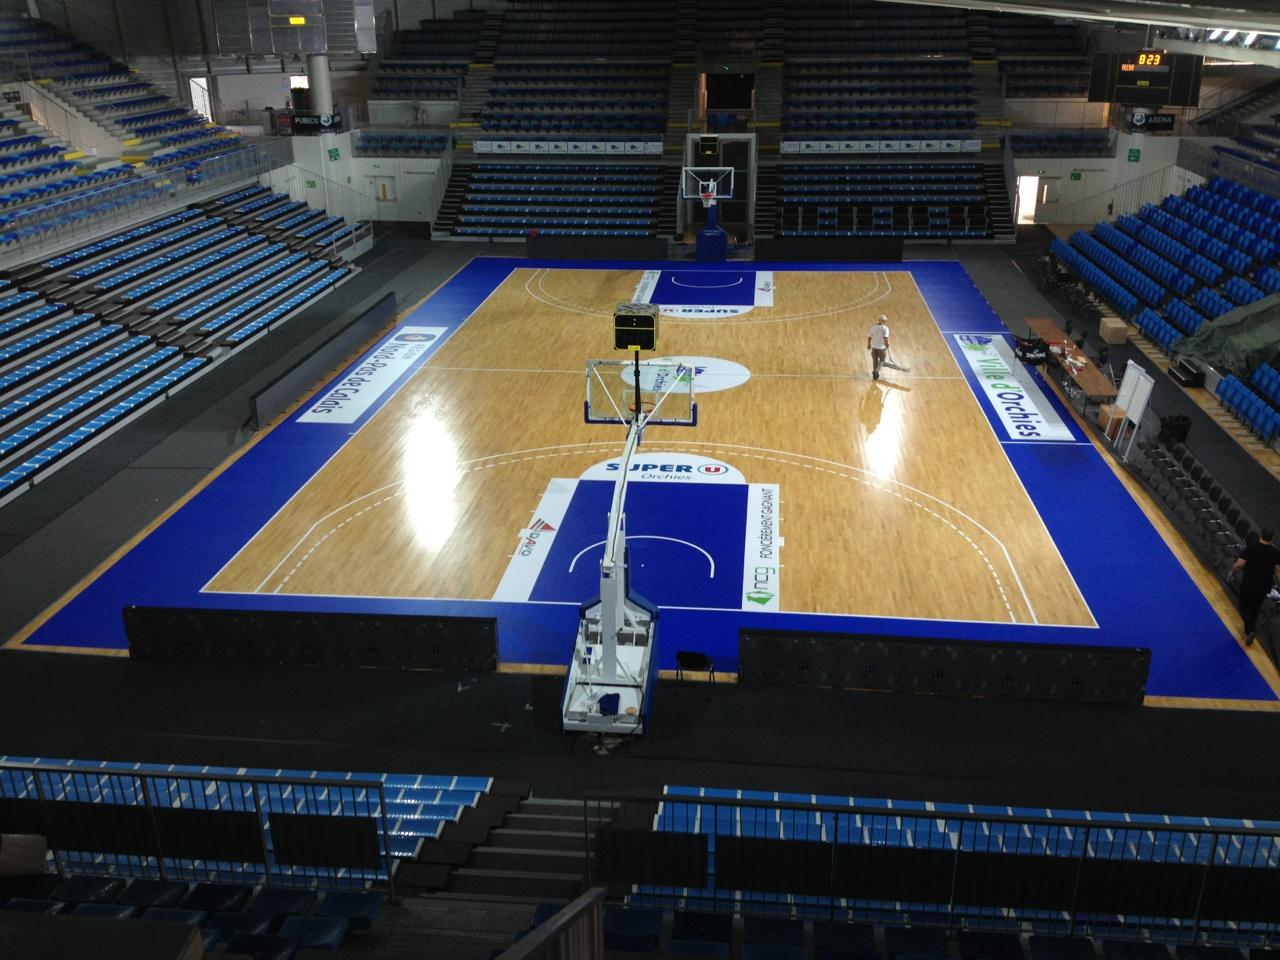 Sol Pour Salle De Sport big print | solutions de communication: basket club d'orchies